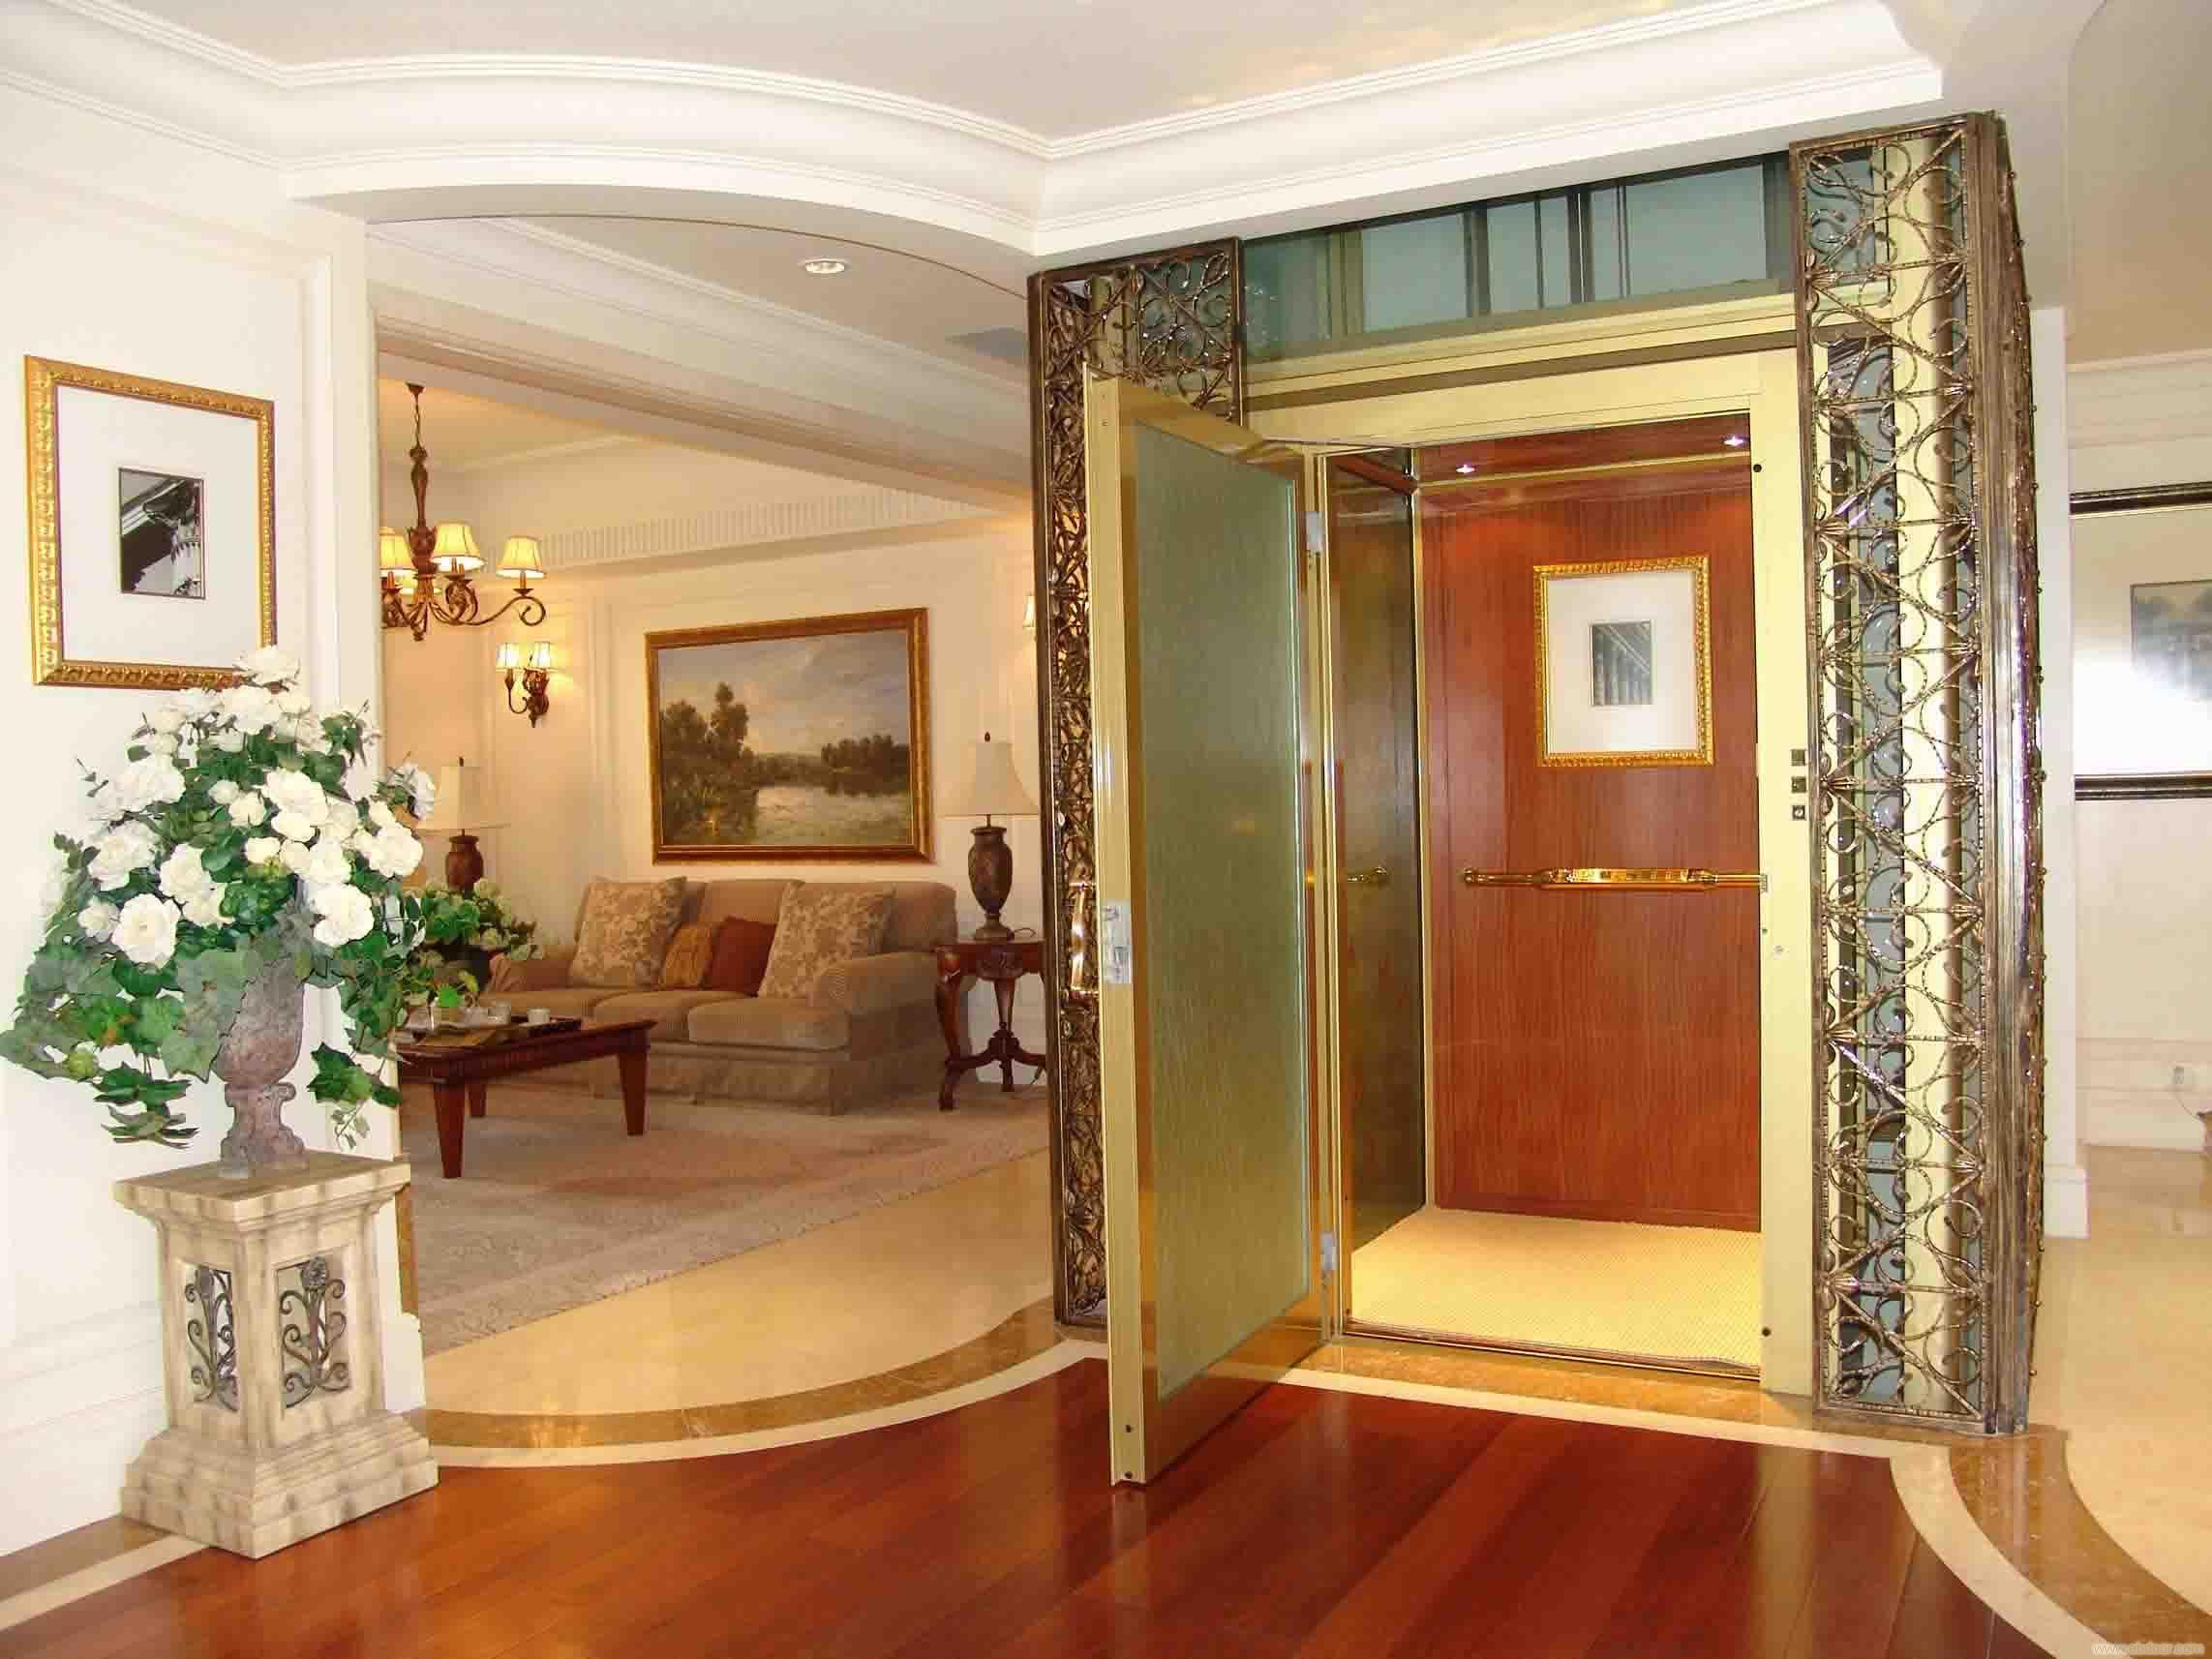 日立家用电梯价格表—日立家用电梯贵不贵